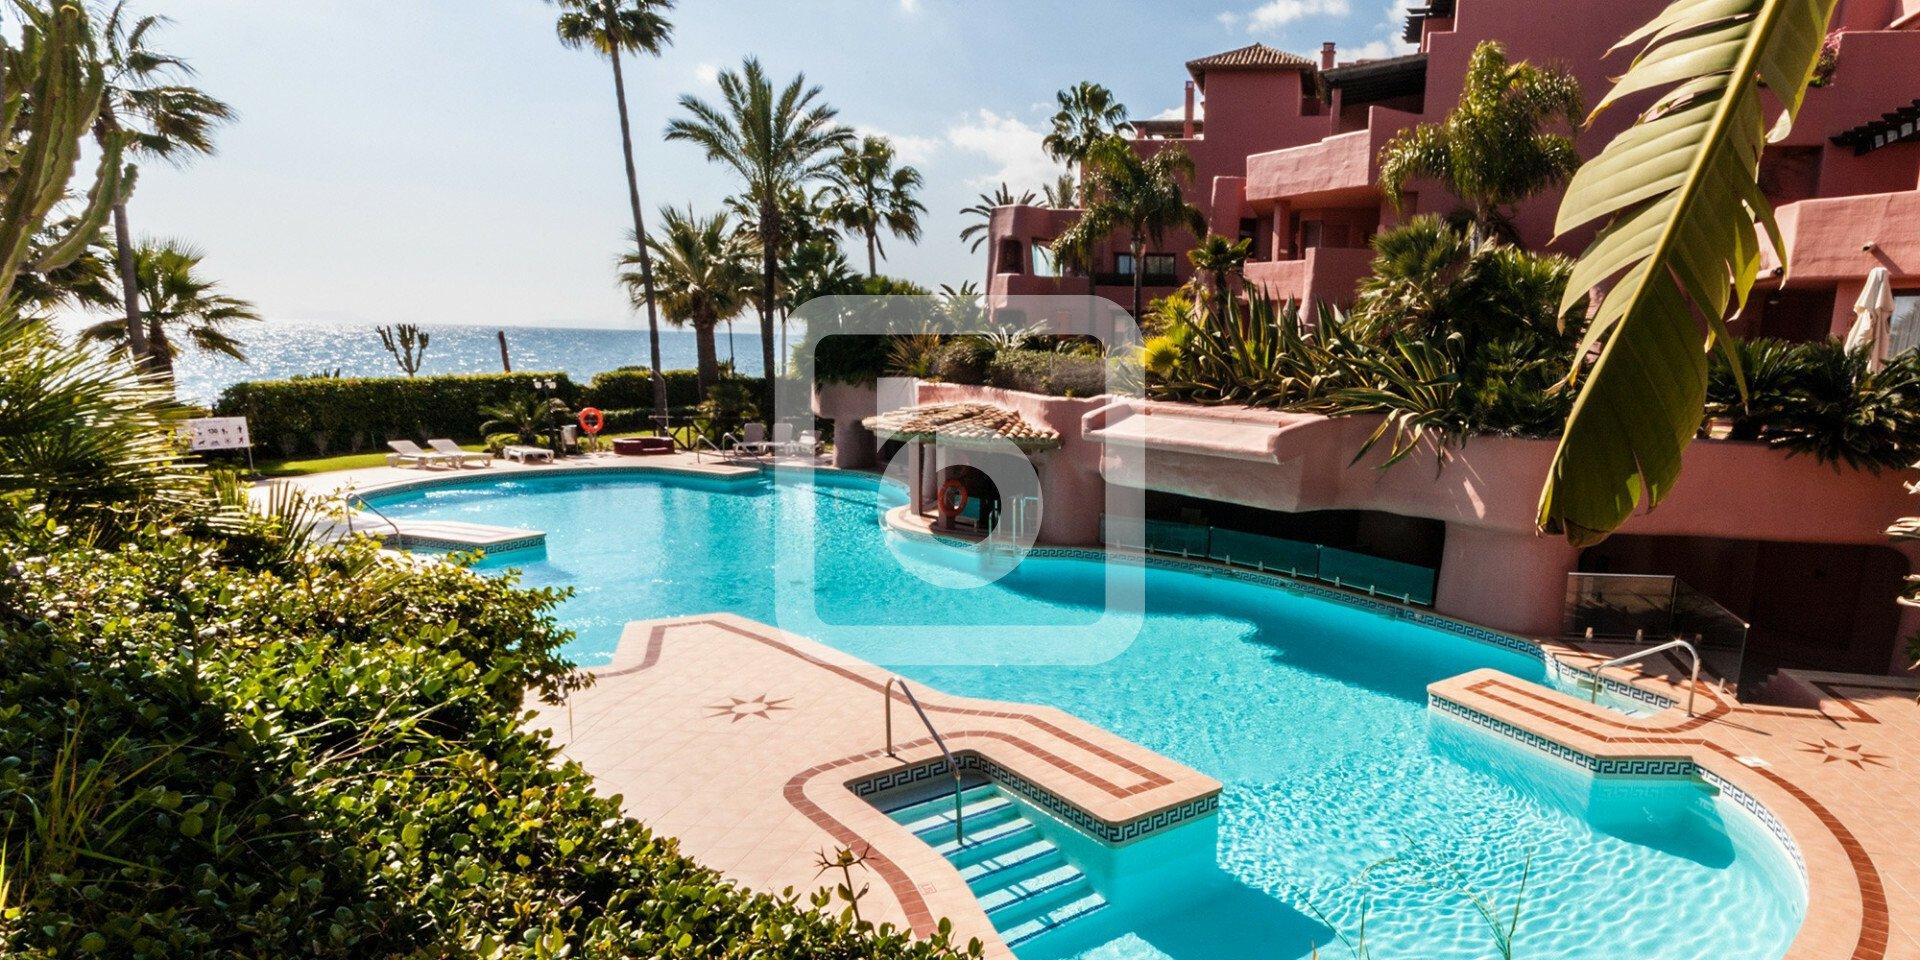 Appartamento a Estepona, Andalusia, Spagna 1 - 11439112